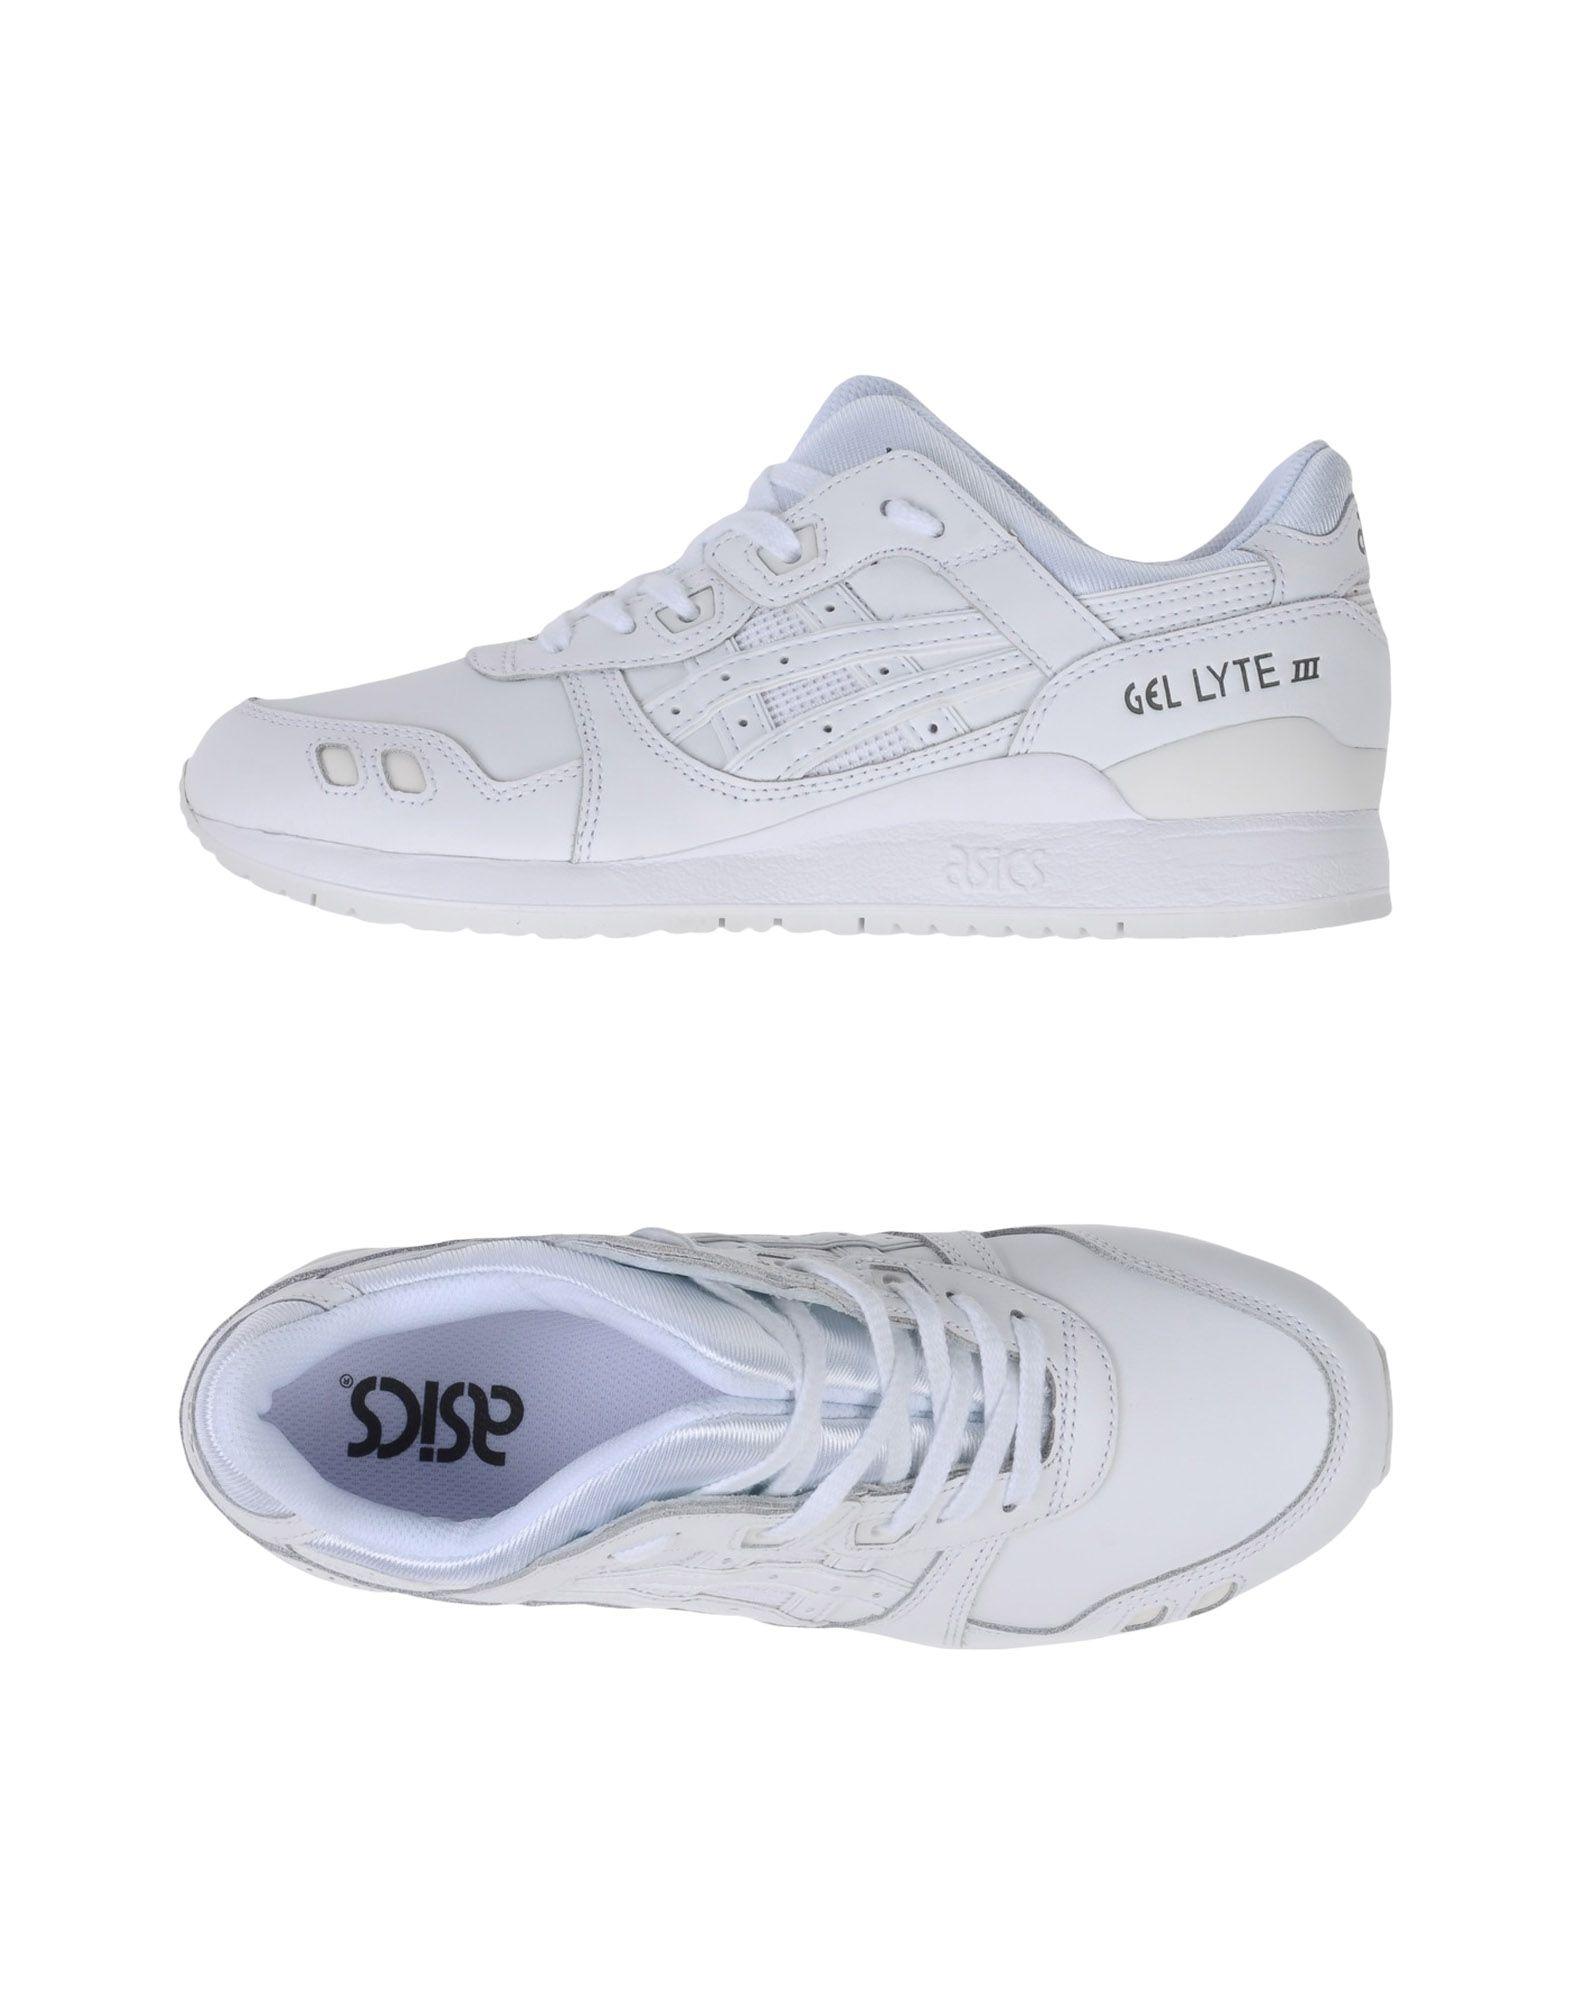 Asics Tiger Gel-Lyte Iii - Sneakers Sneakers - Women Asics Tiger Sneakers Sneakers online on  United Kingdom - 11107294NV d2da65